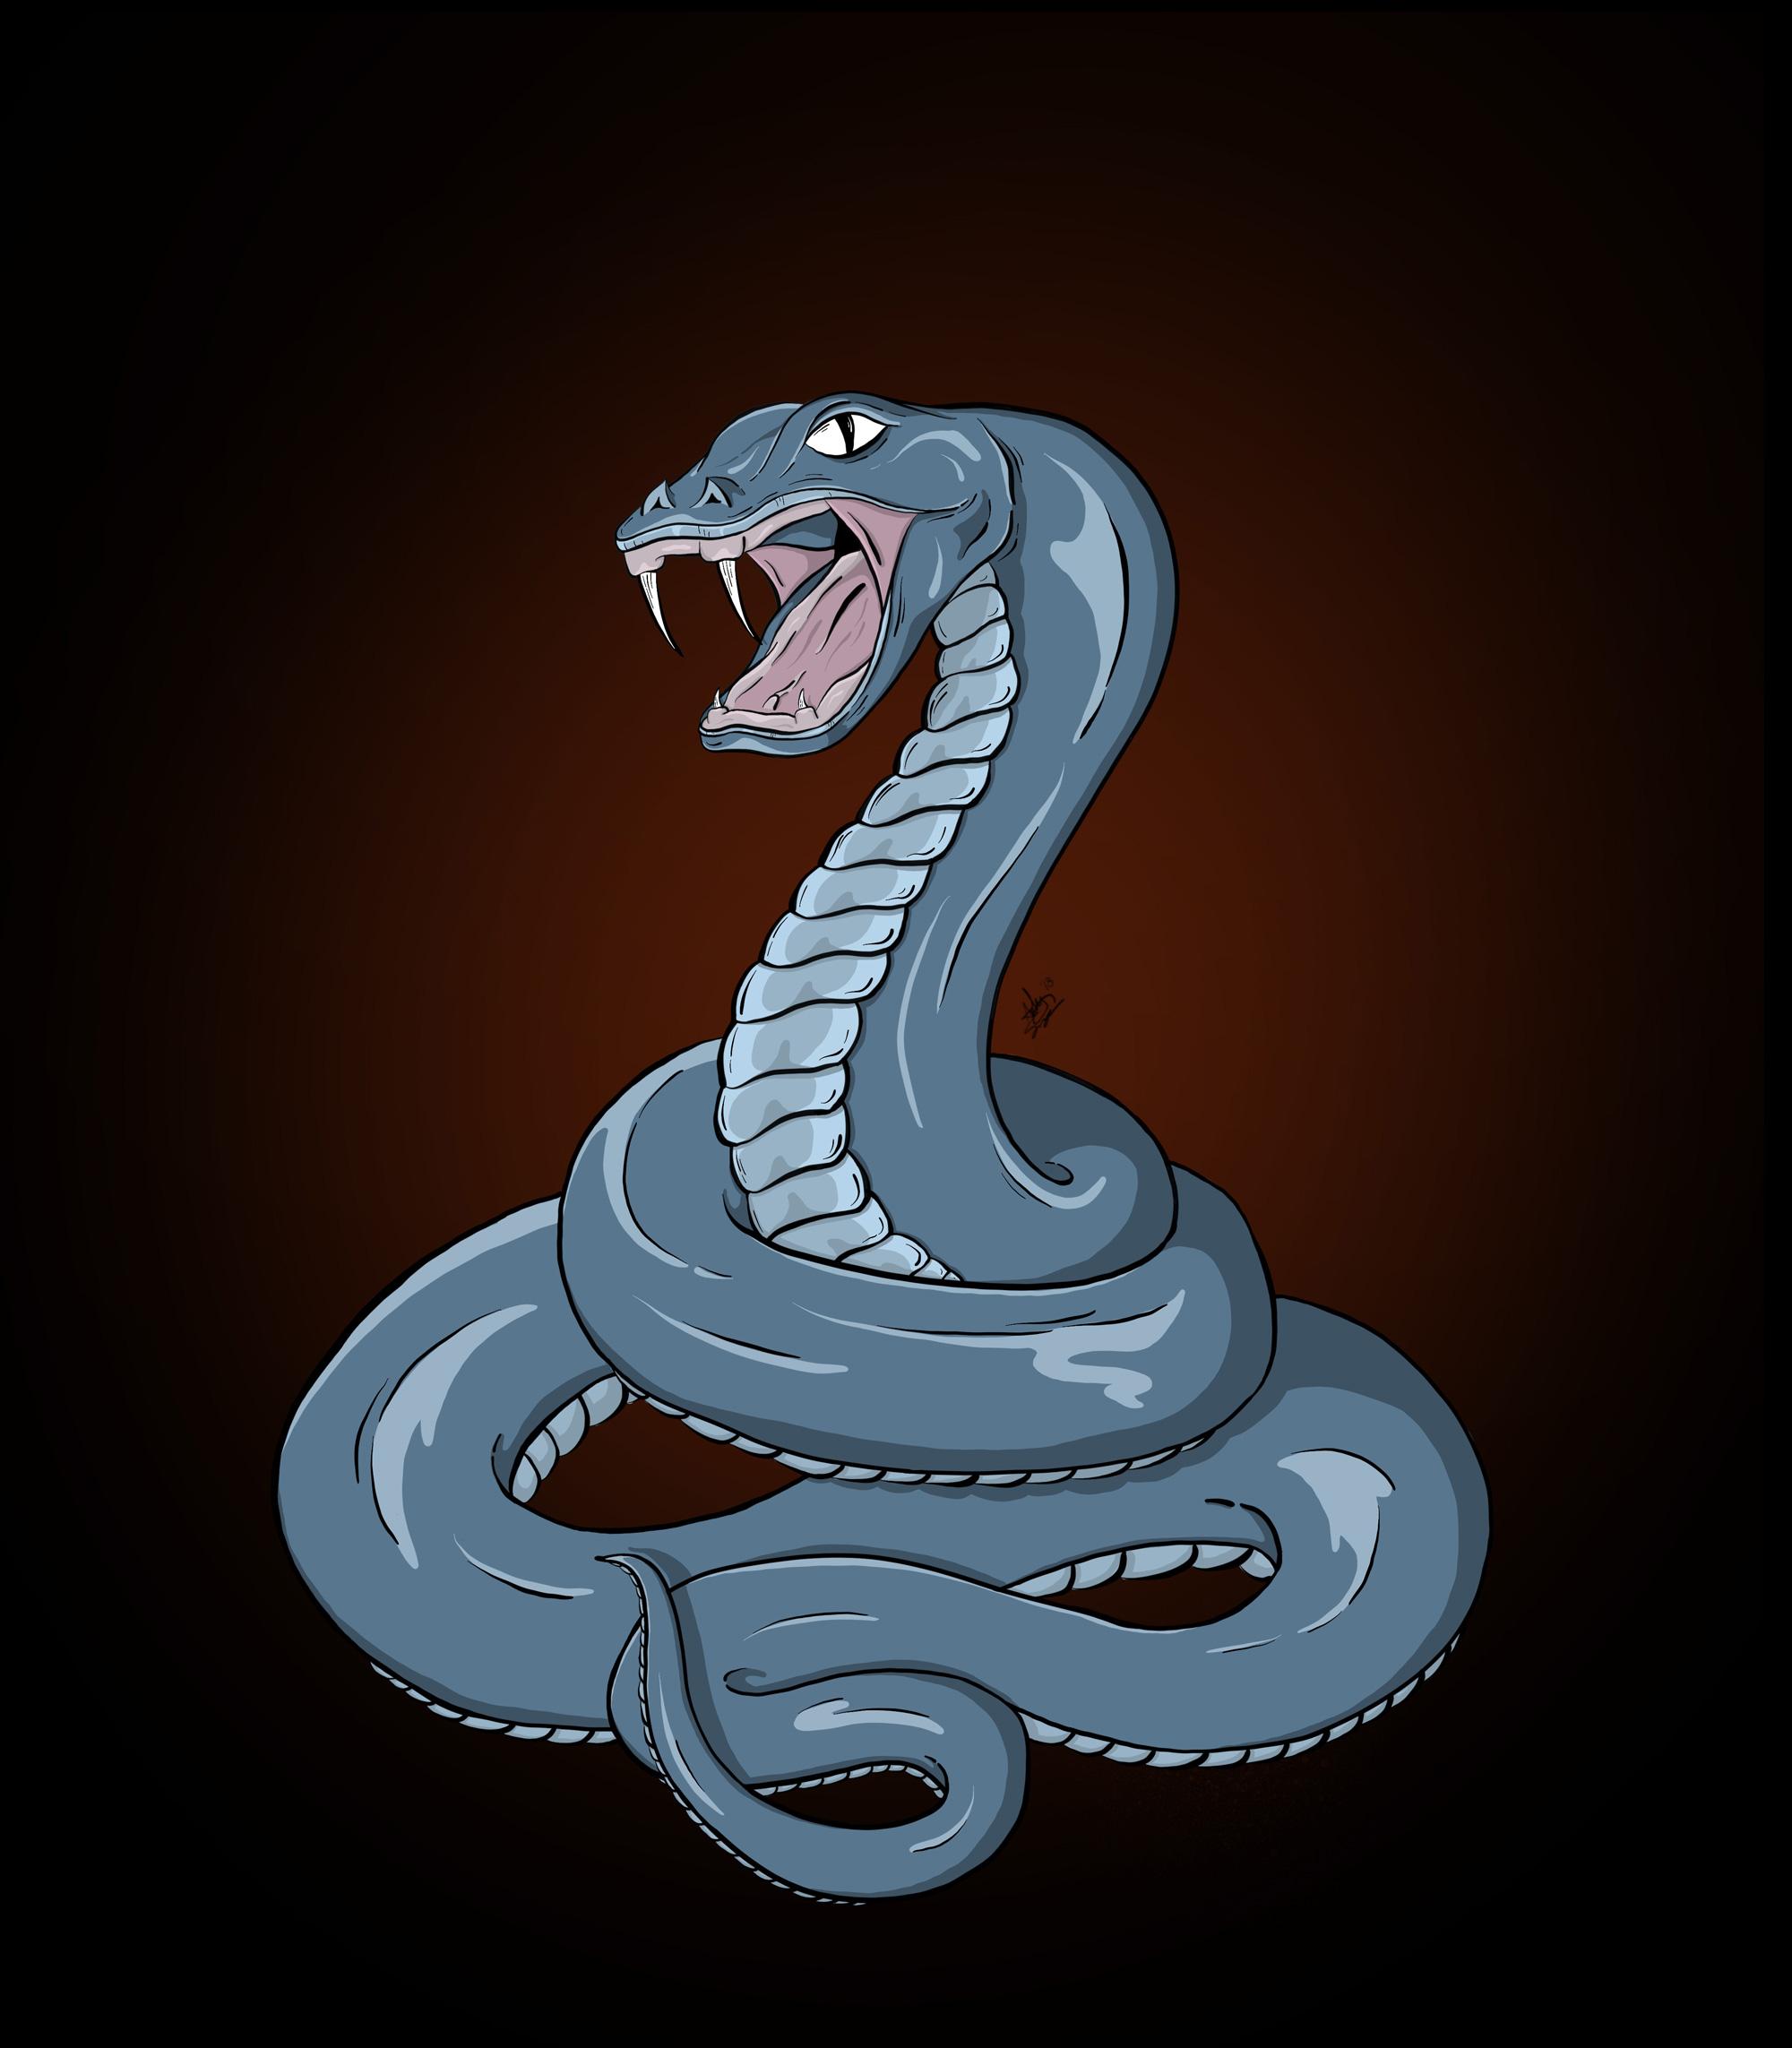 snake-website.jpg